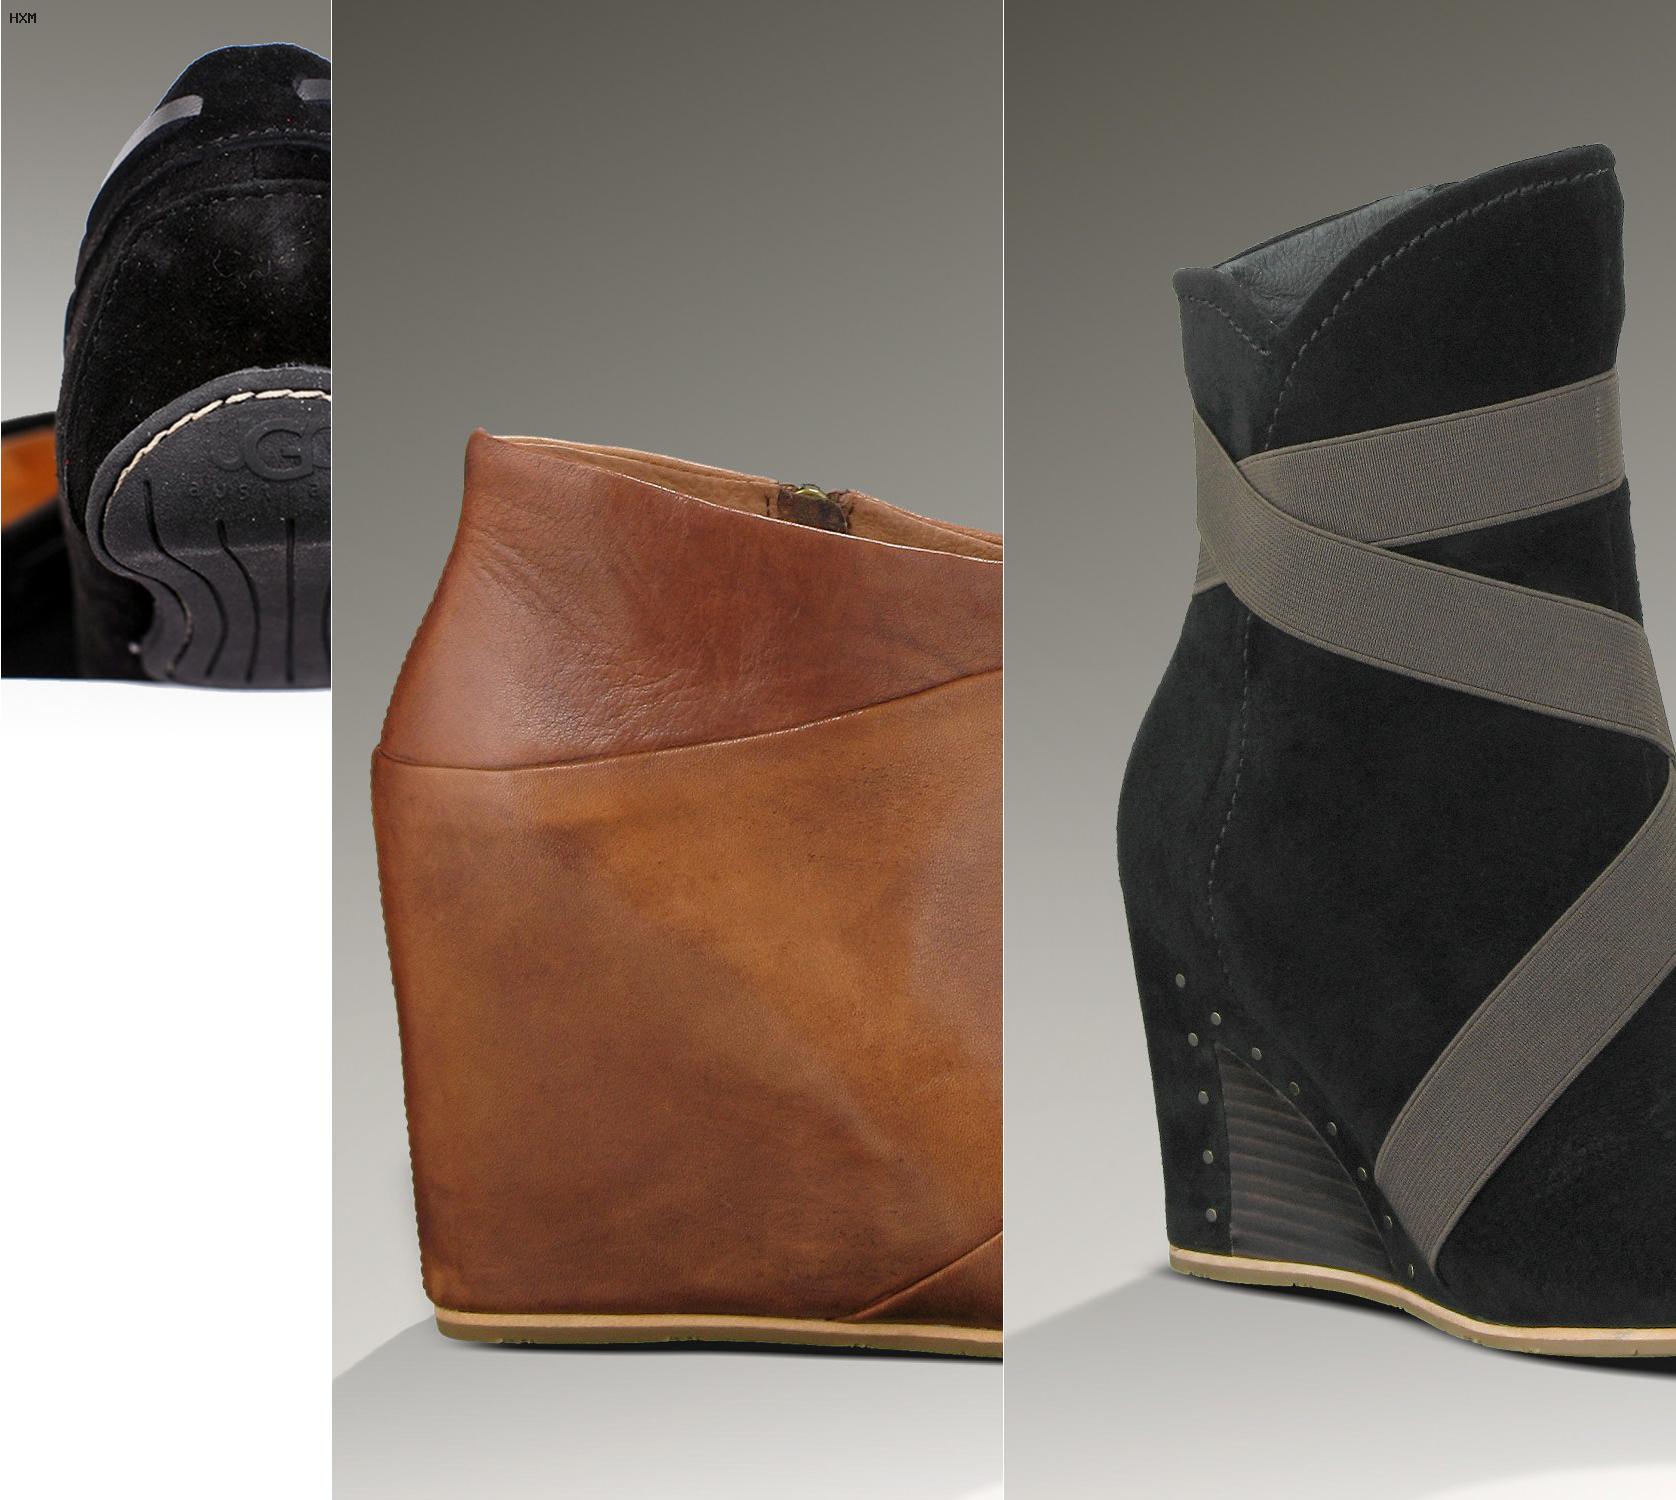 marca popular 100% de alta calidad nuevo estilo botas tipo ugg con cuña